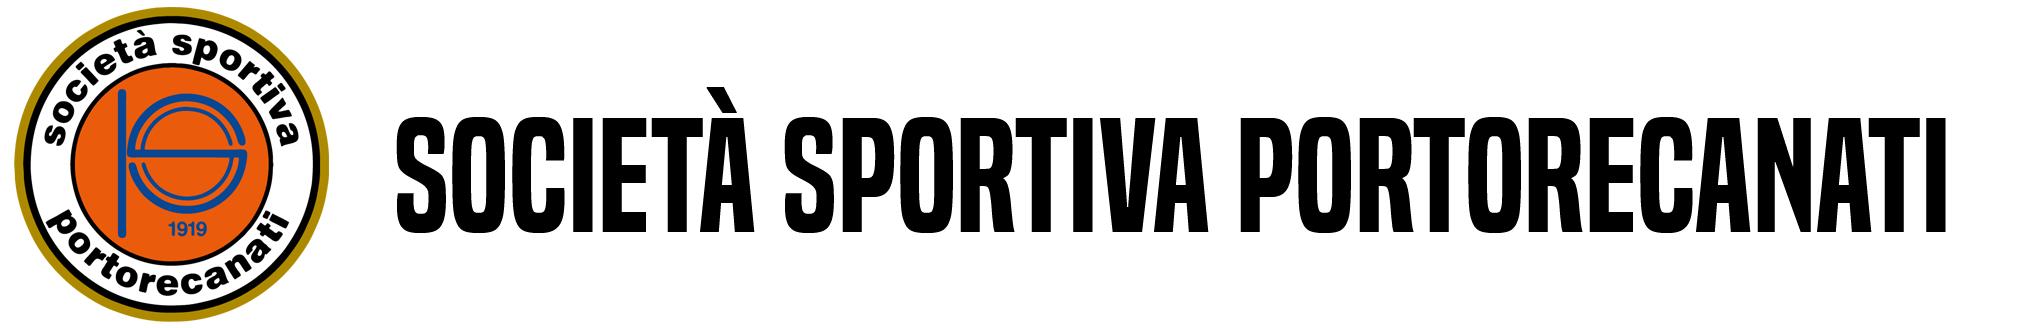 Porto Recanati Calcio